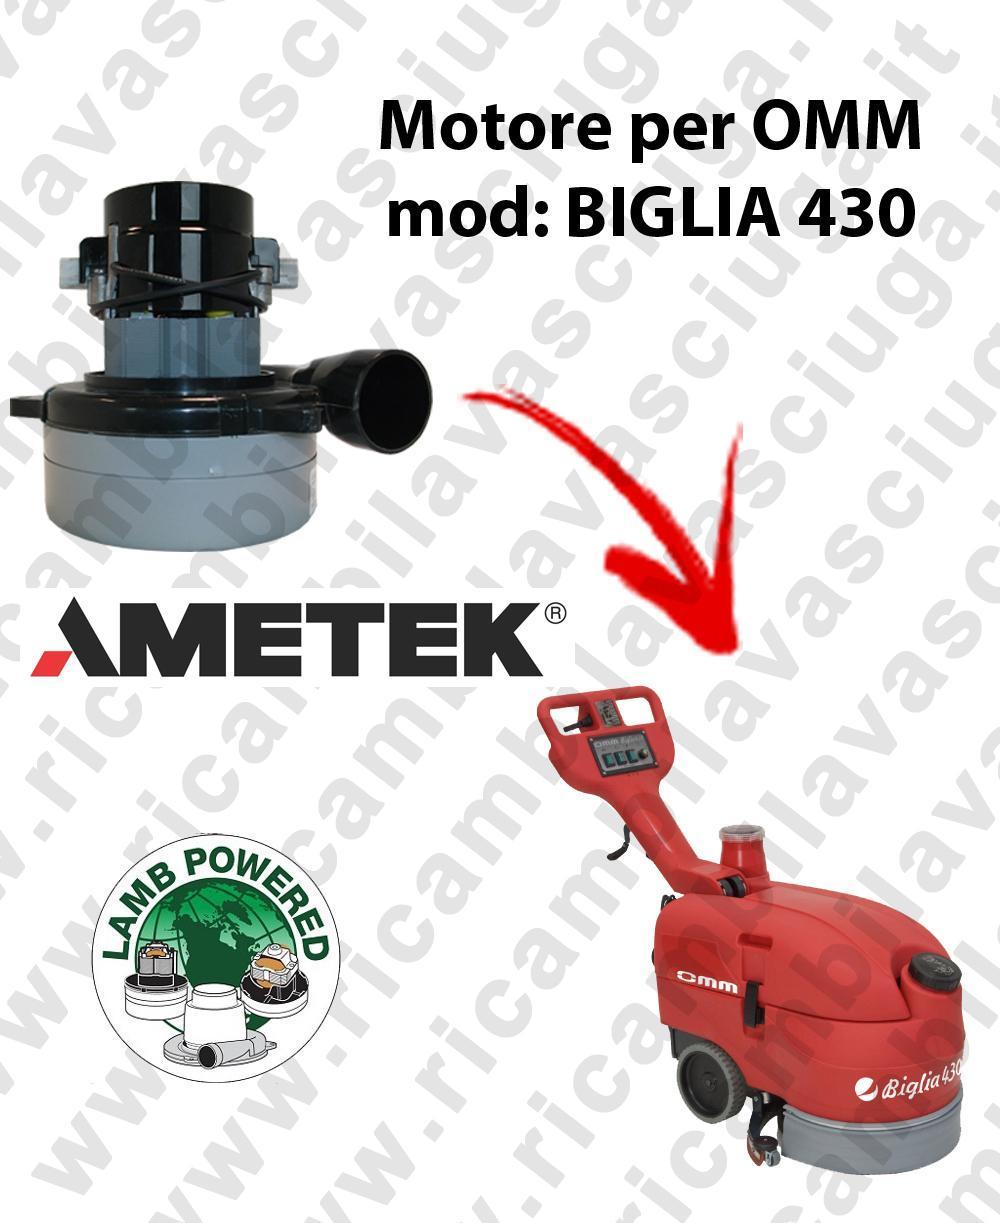 BIGLIA 430 Motore de aspiración LAMB AMETEK para fregadora OMM